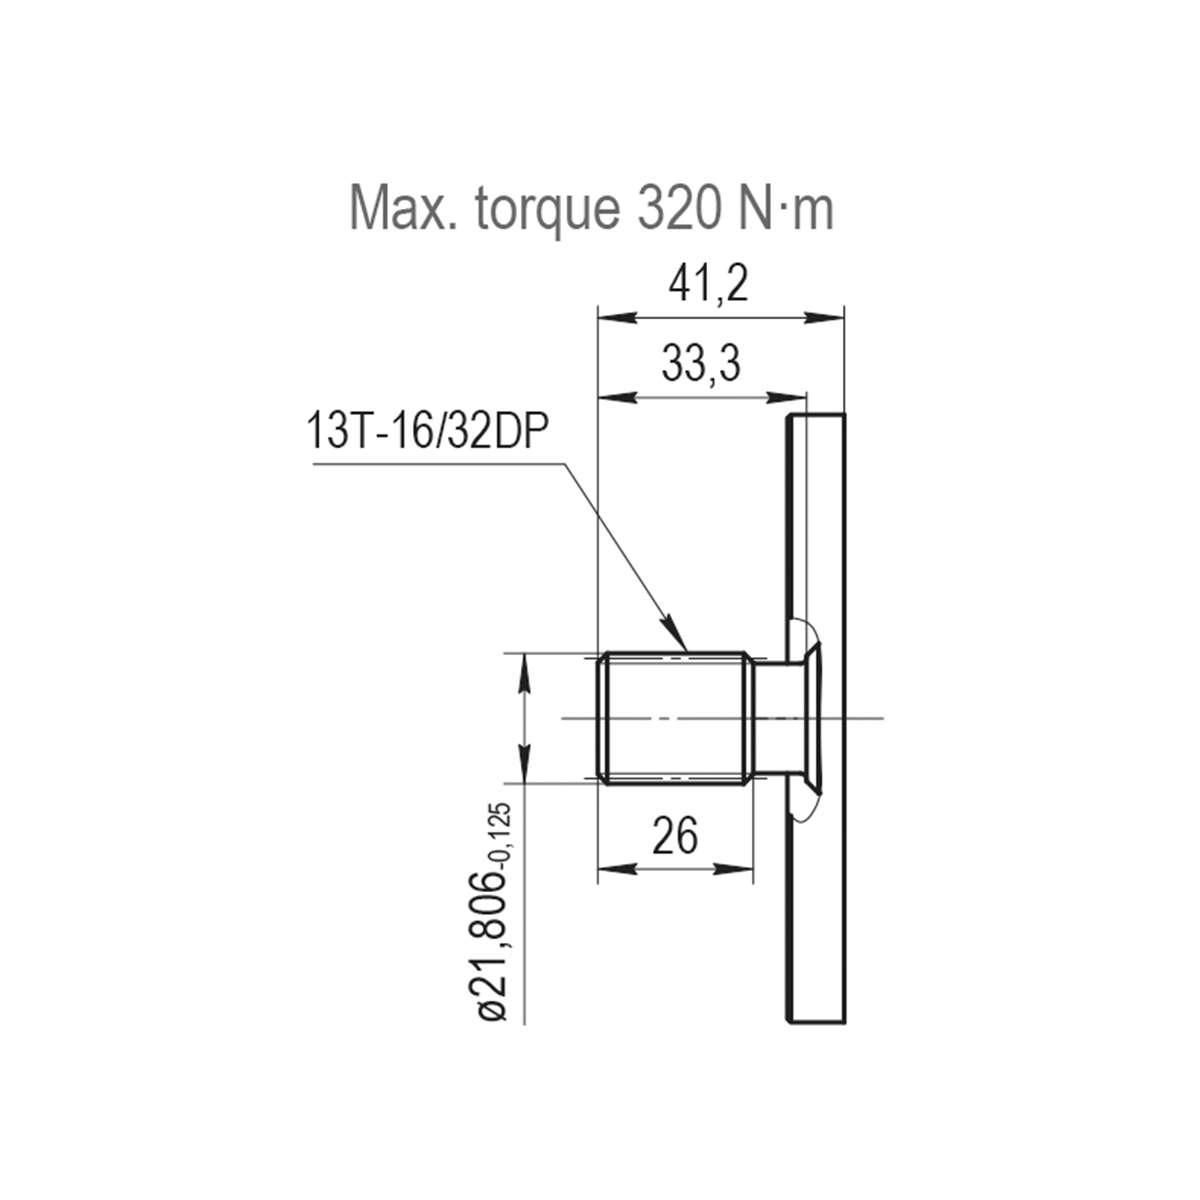 2.32 CID hydraulic gear pump, 13 tooth spline shaft counter-clockwise gear pump | Magister Hydraulics